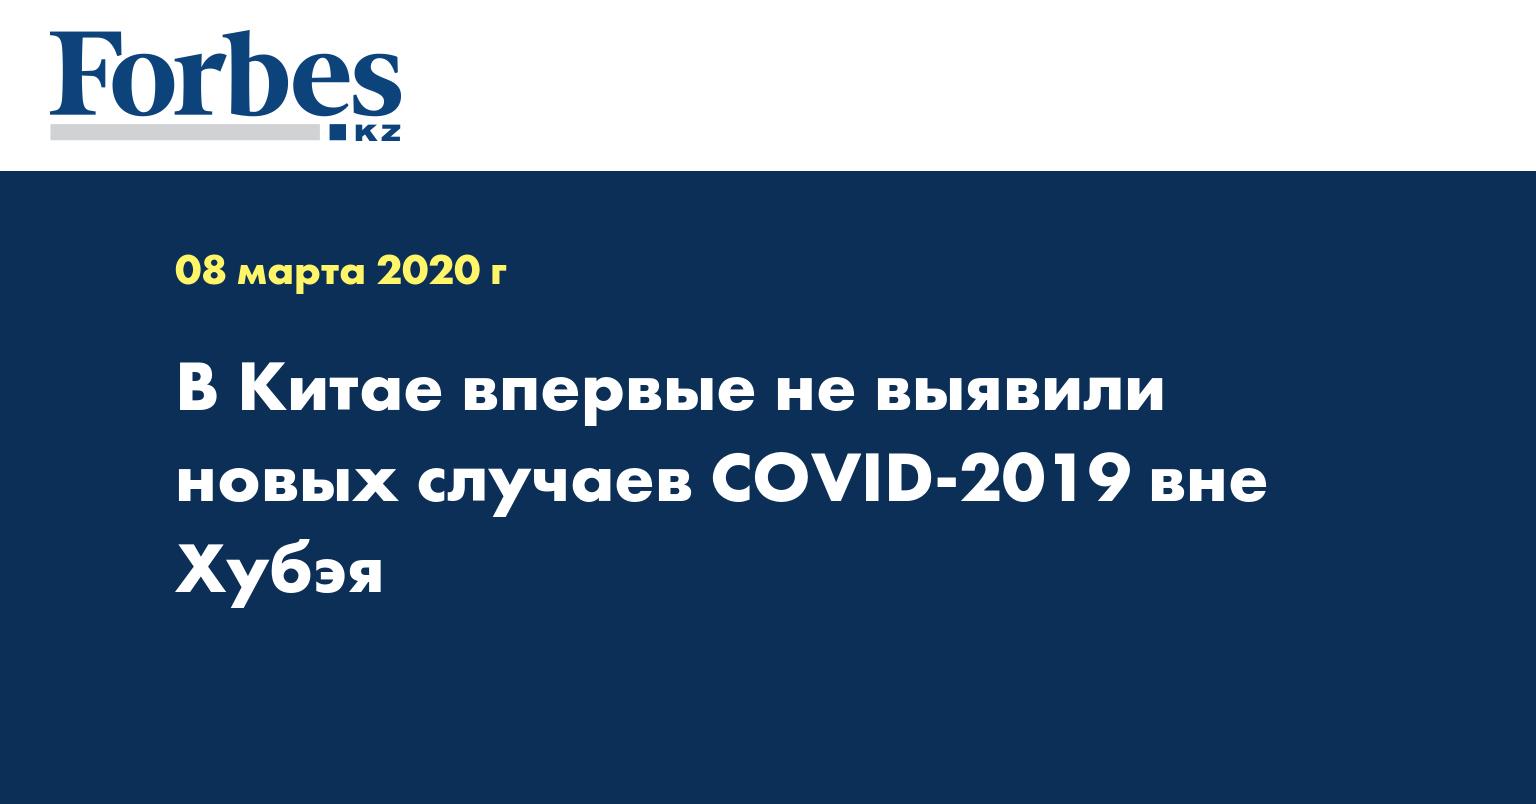 В Китае впервые не выявили новых случаев COVID-2019 вне Хубэя